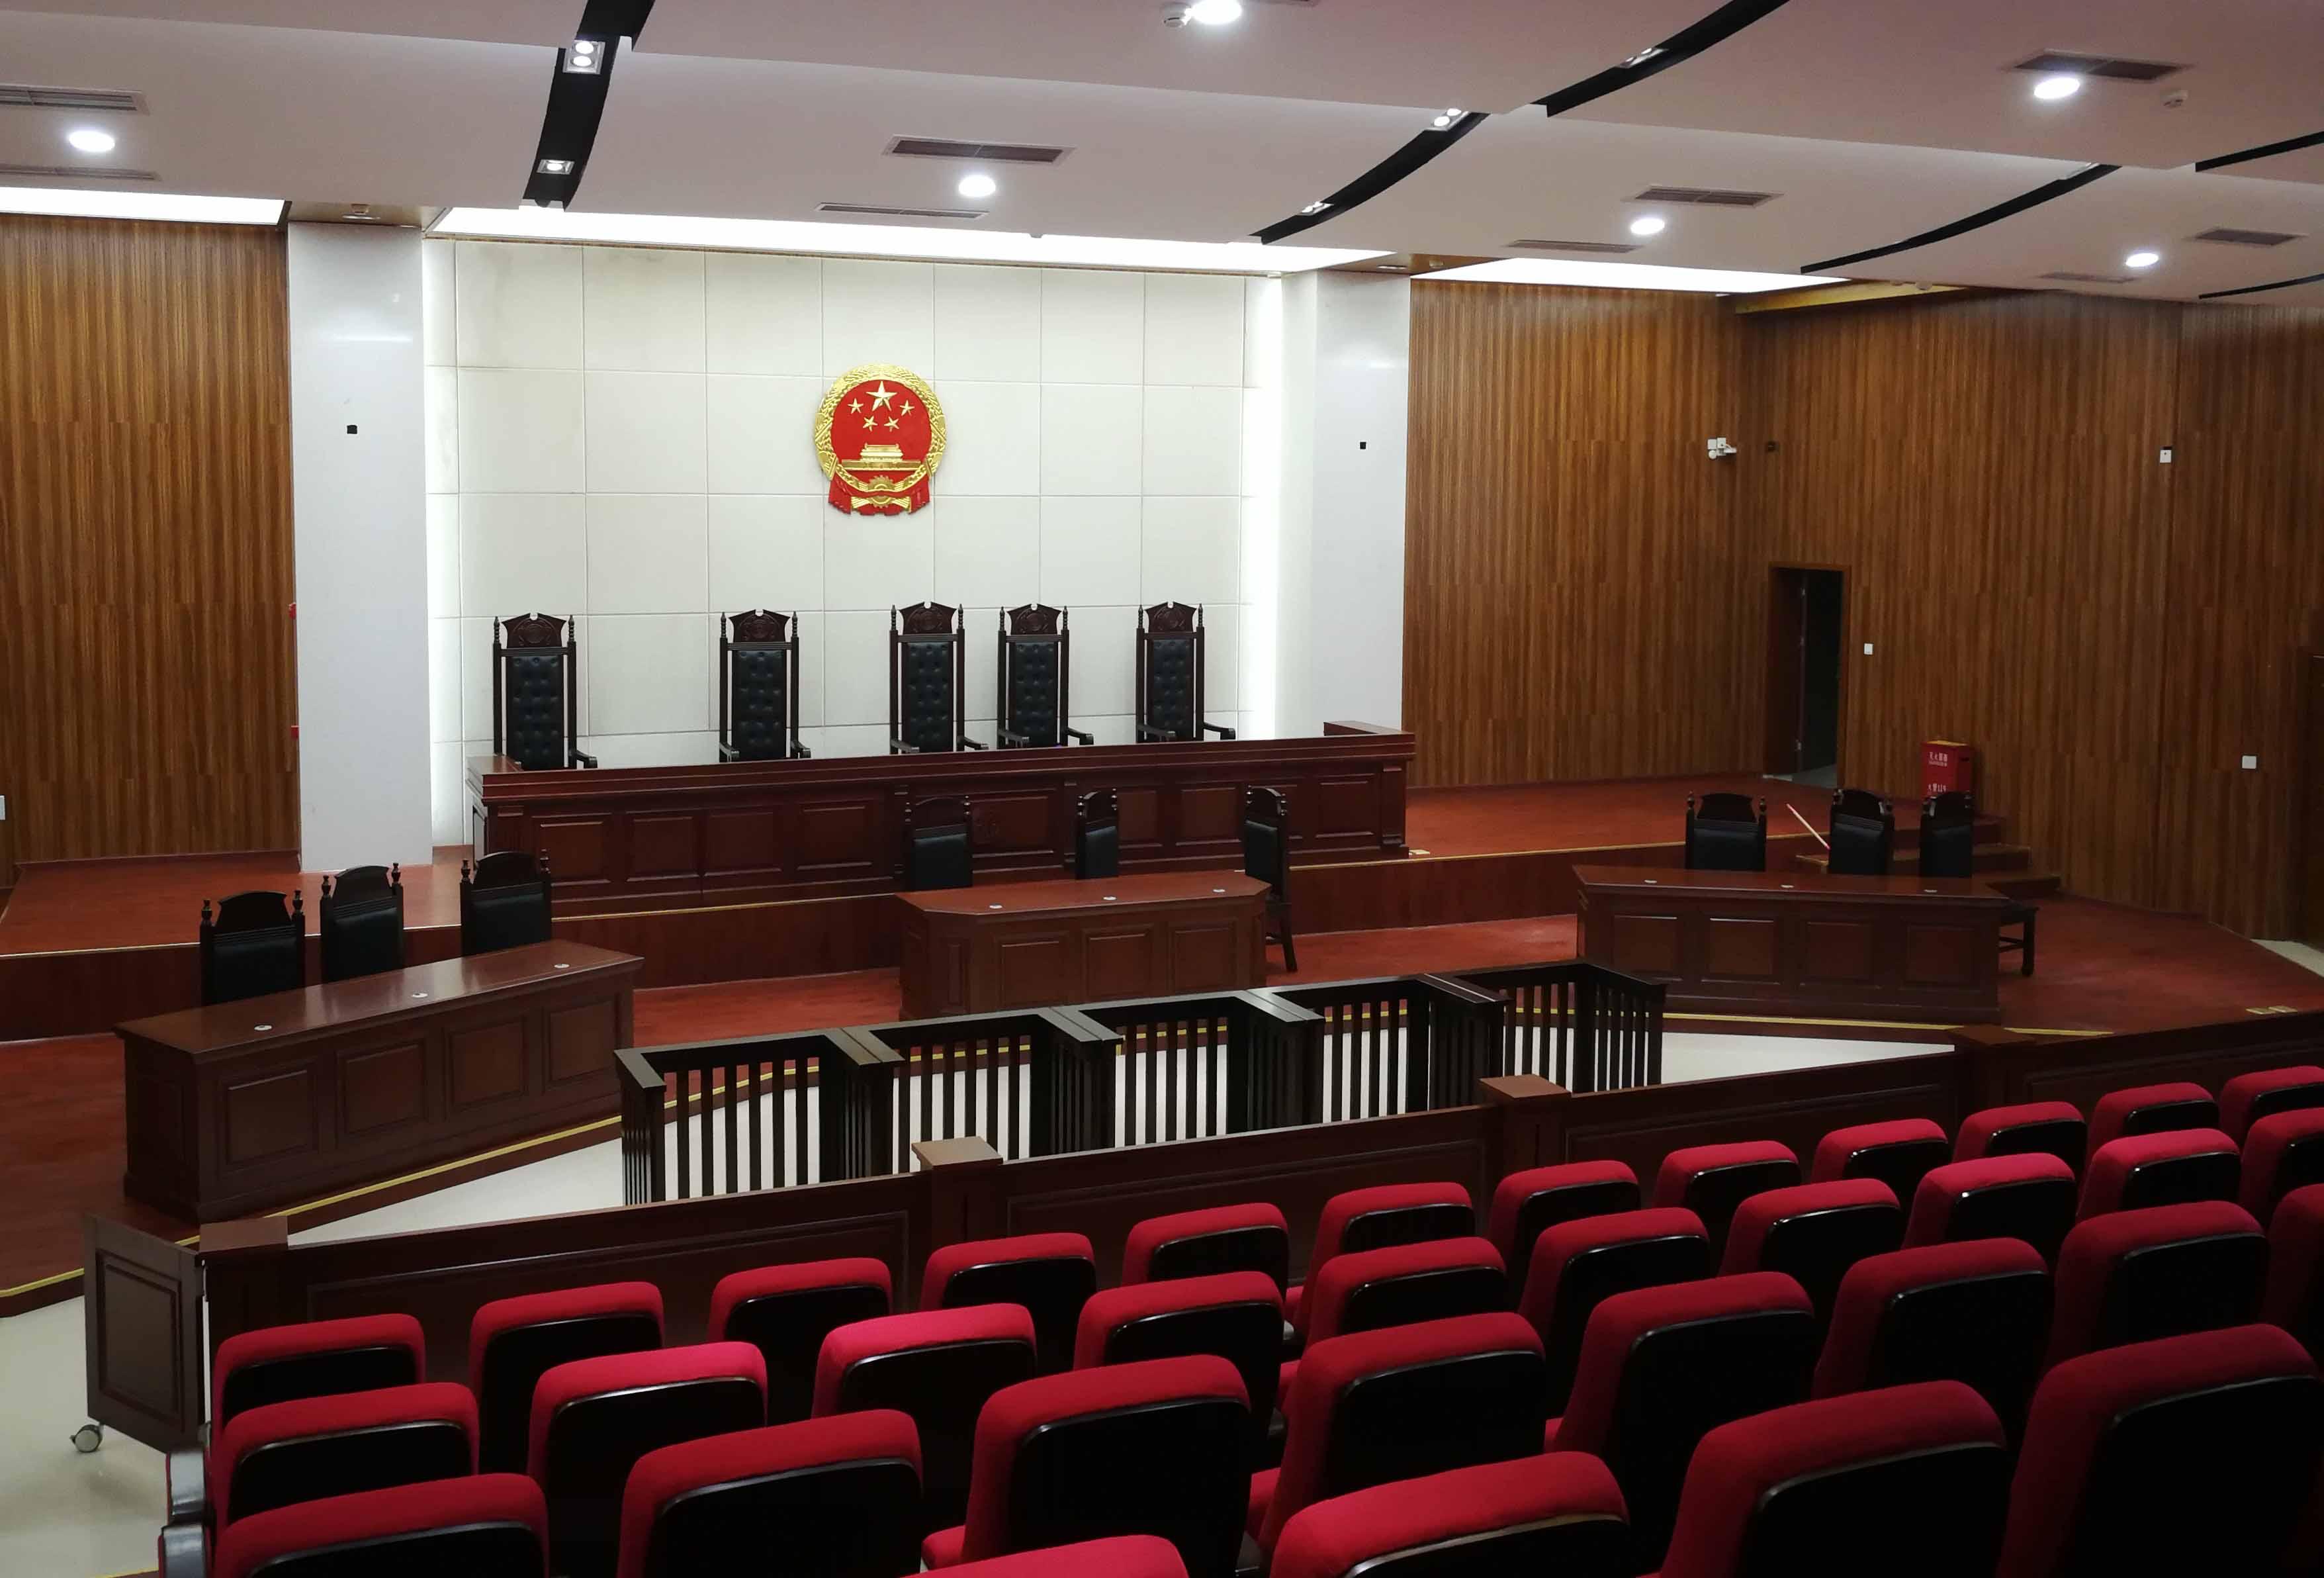 我司承建的巴中市通江縣人民法院審判法庭項目 順利通過竣工驗收